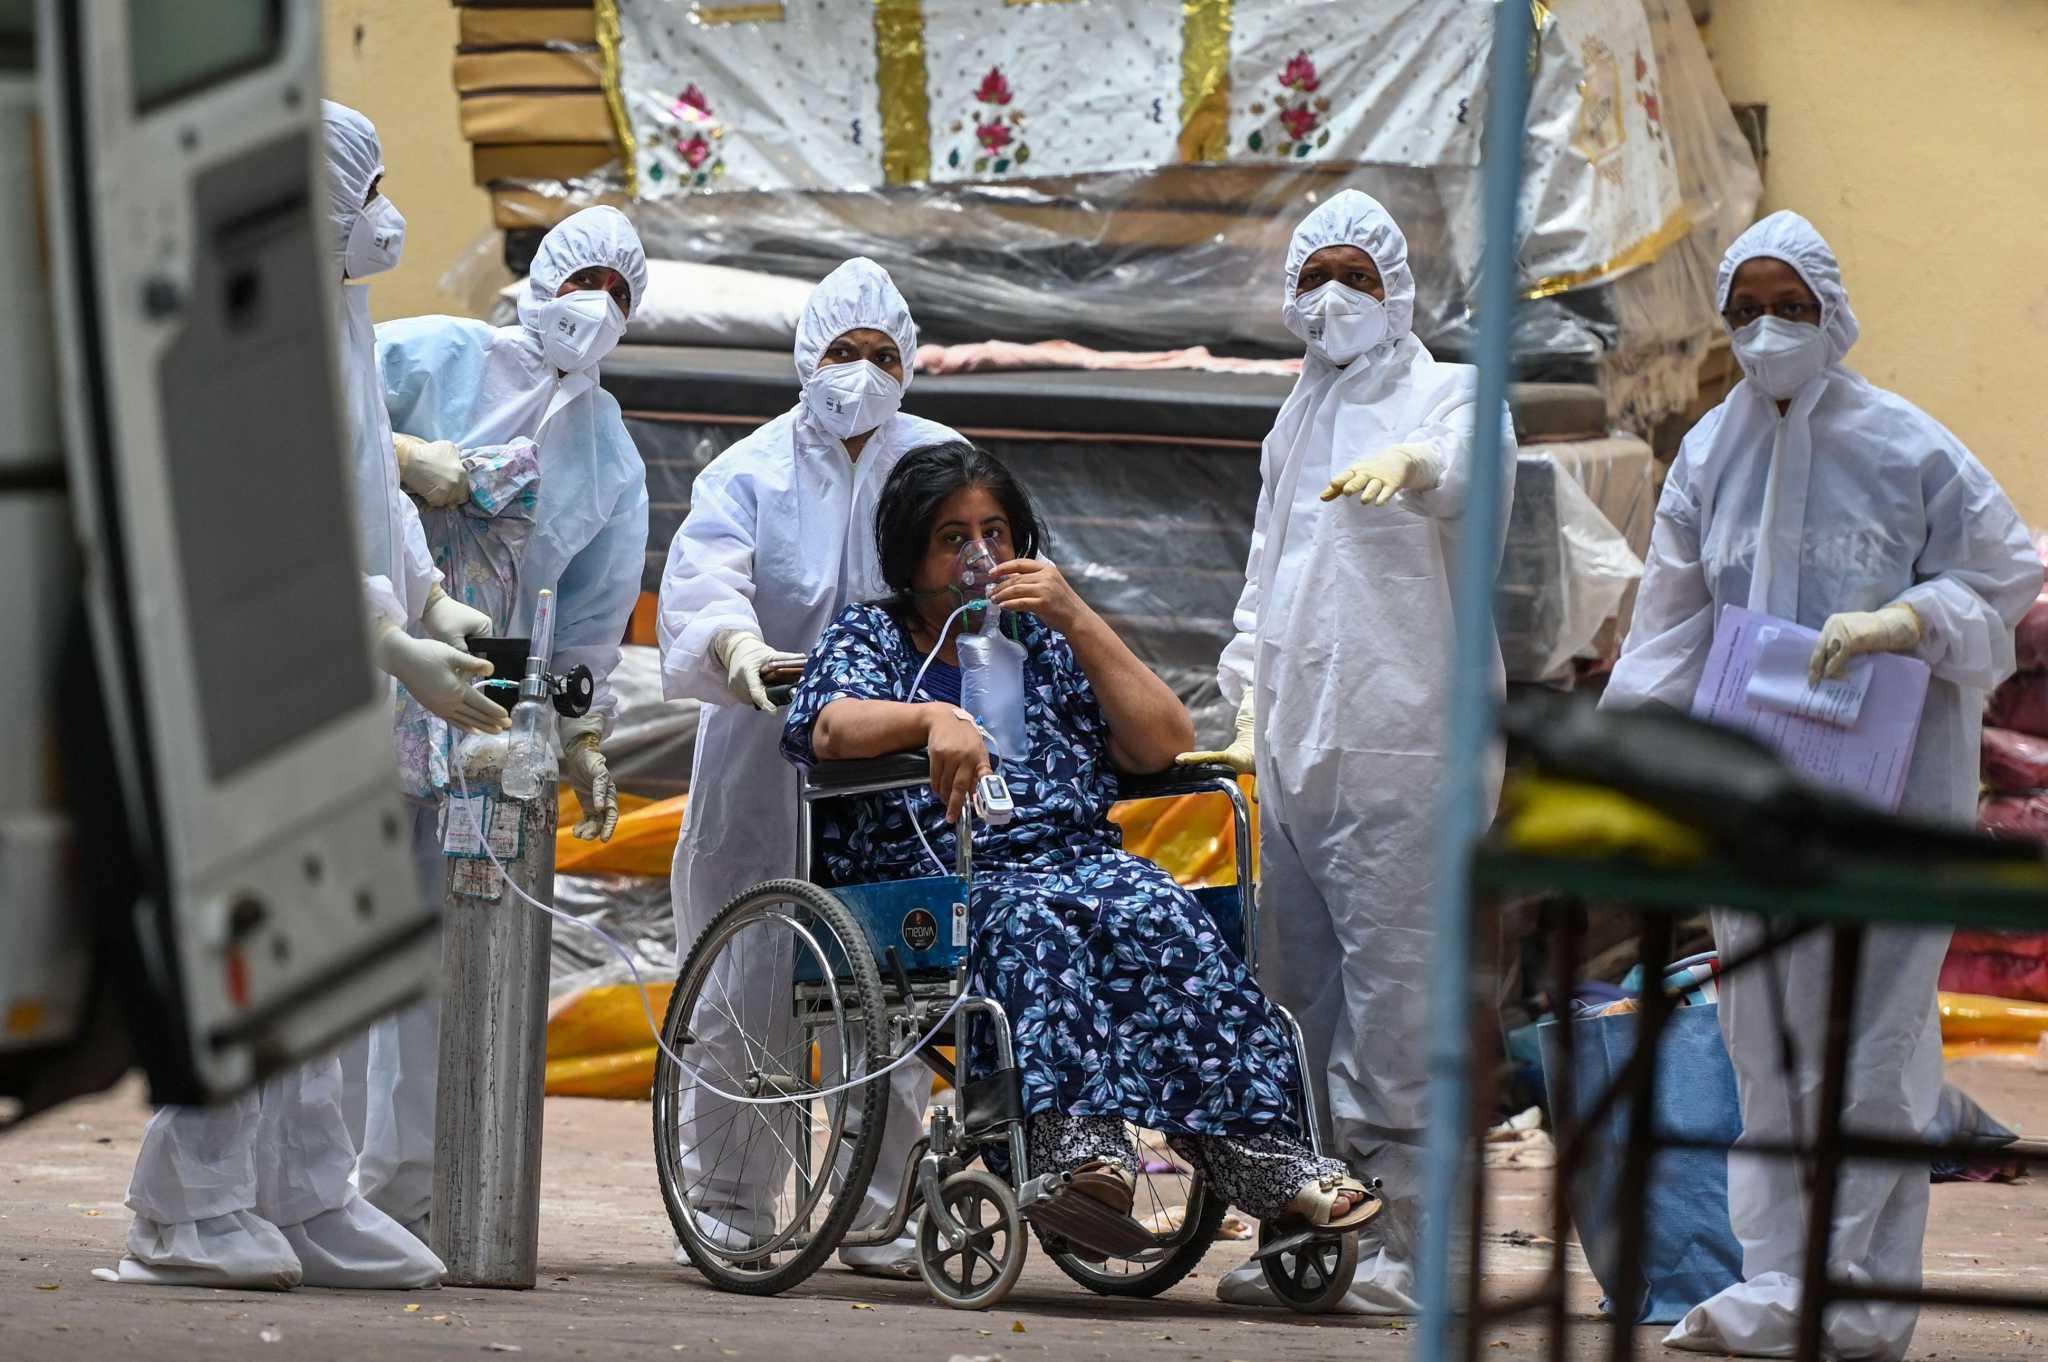 Bệnh nhân Covid-19 Ấn Độ được chuyển đến trung tâm điều trị tại thành phố Mumbai vào ngày 22/4. Ảnh: AFP.